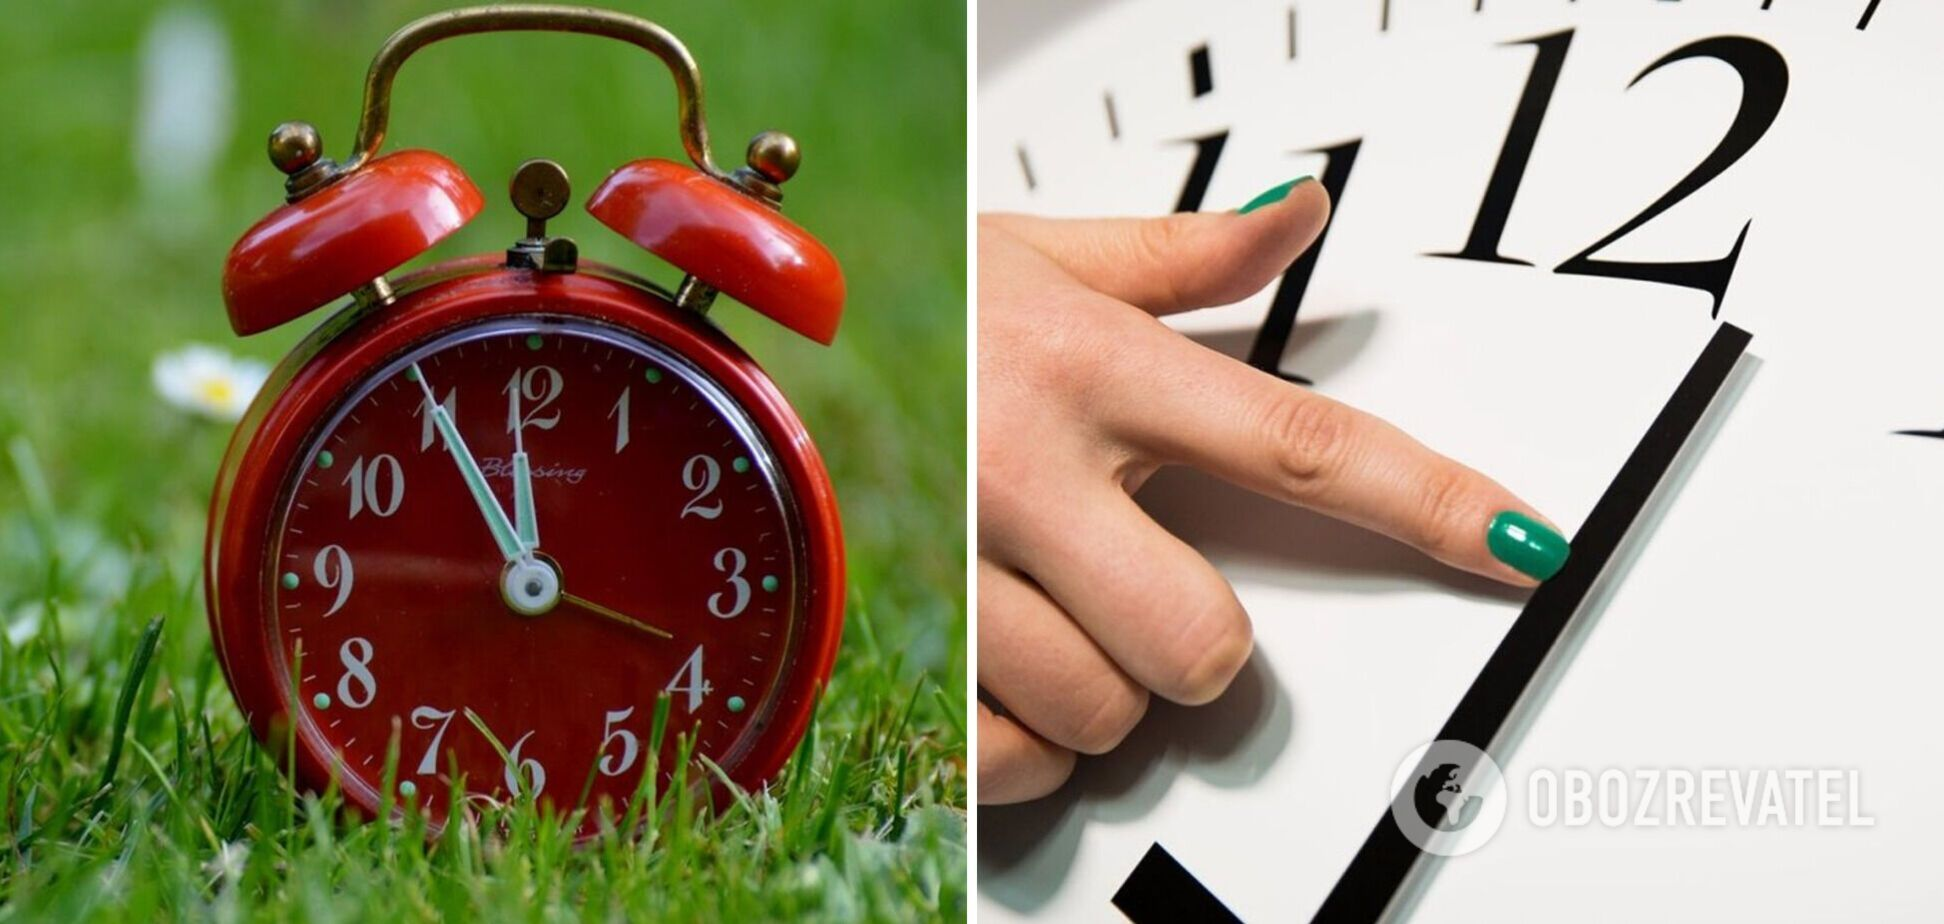 Будут ли переводить часы на летнее время в Украине в 2021 году: пояснение